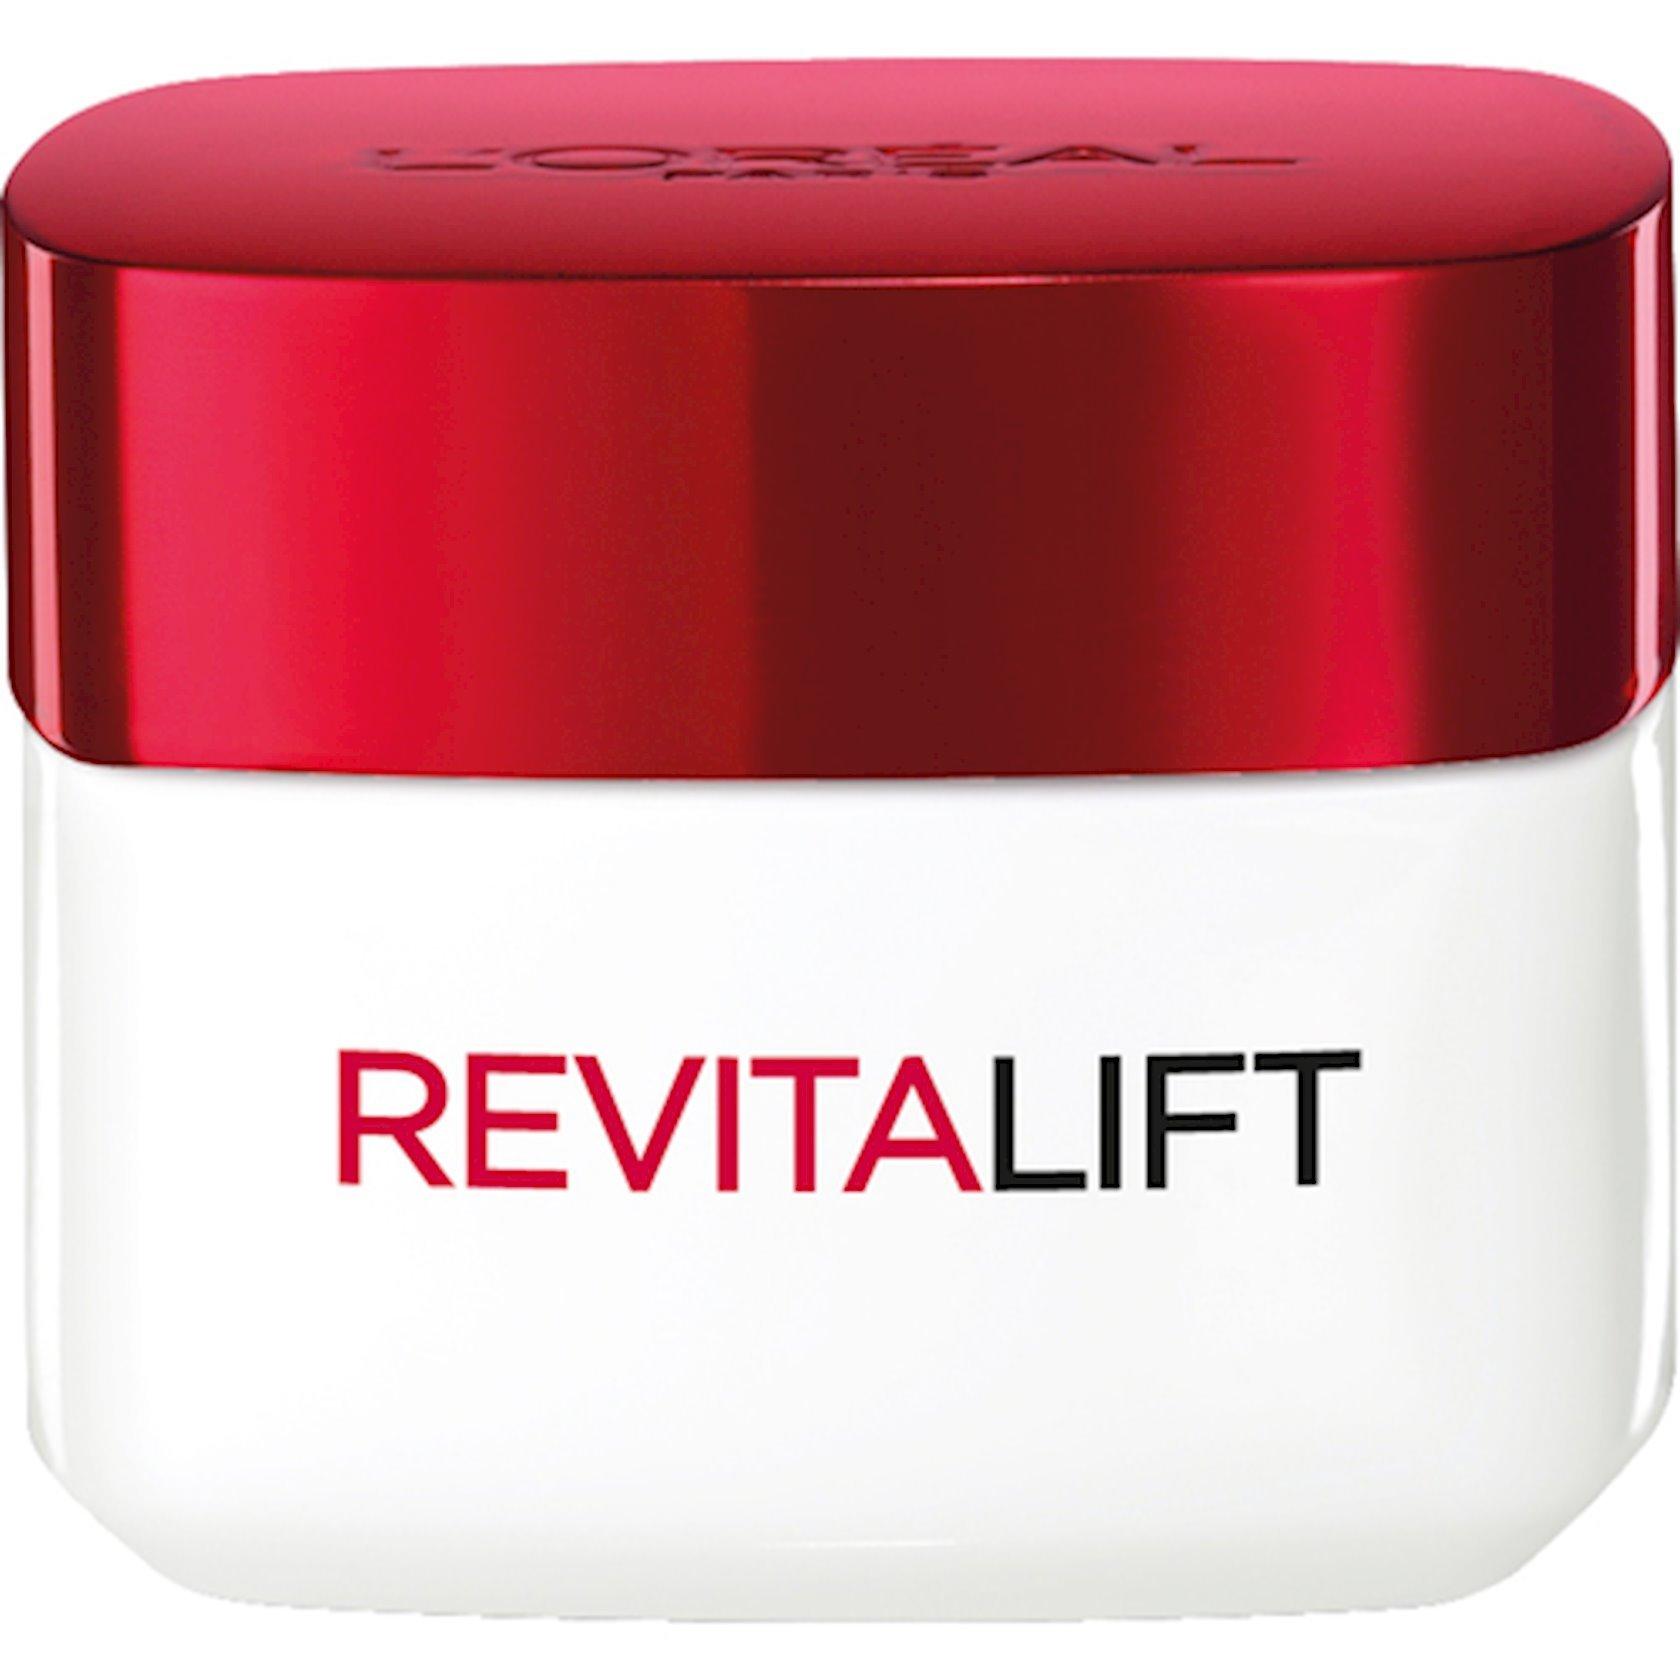 Göz ətrafı L'Oréal Paris Revitalift Liftinq-qulluq kremi 15 ml